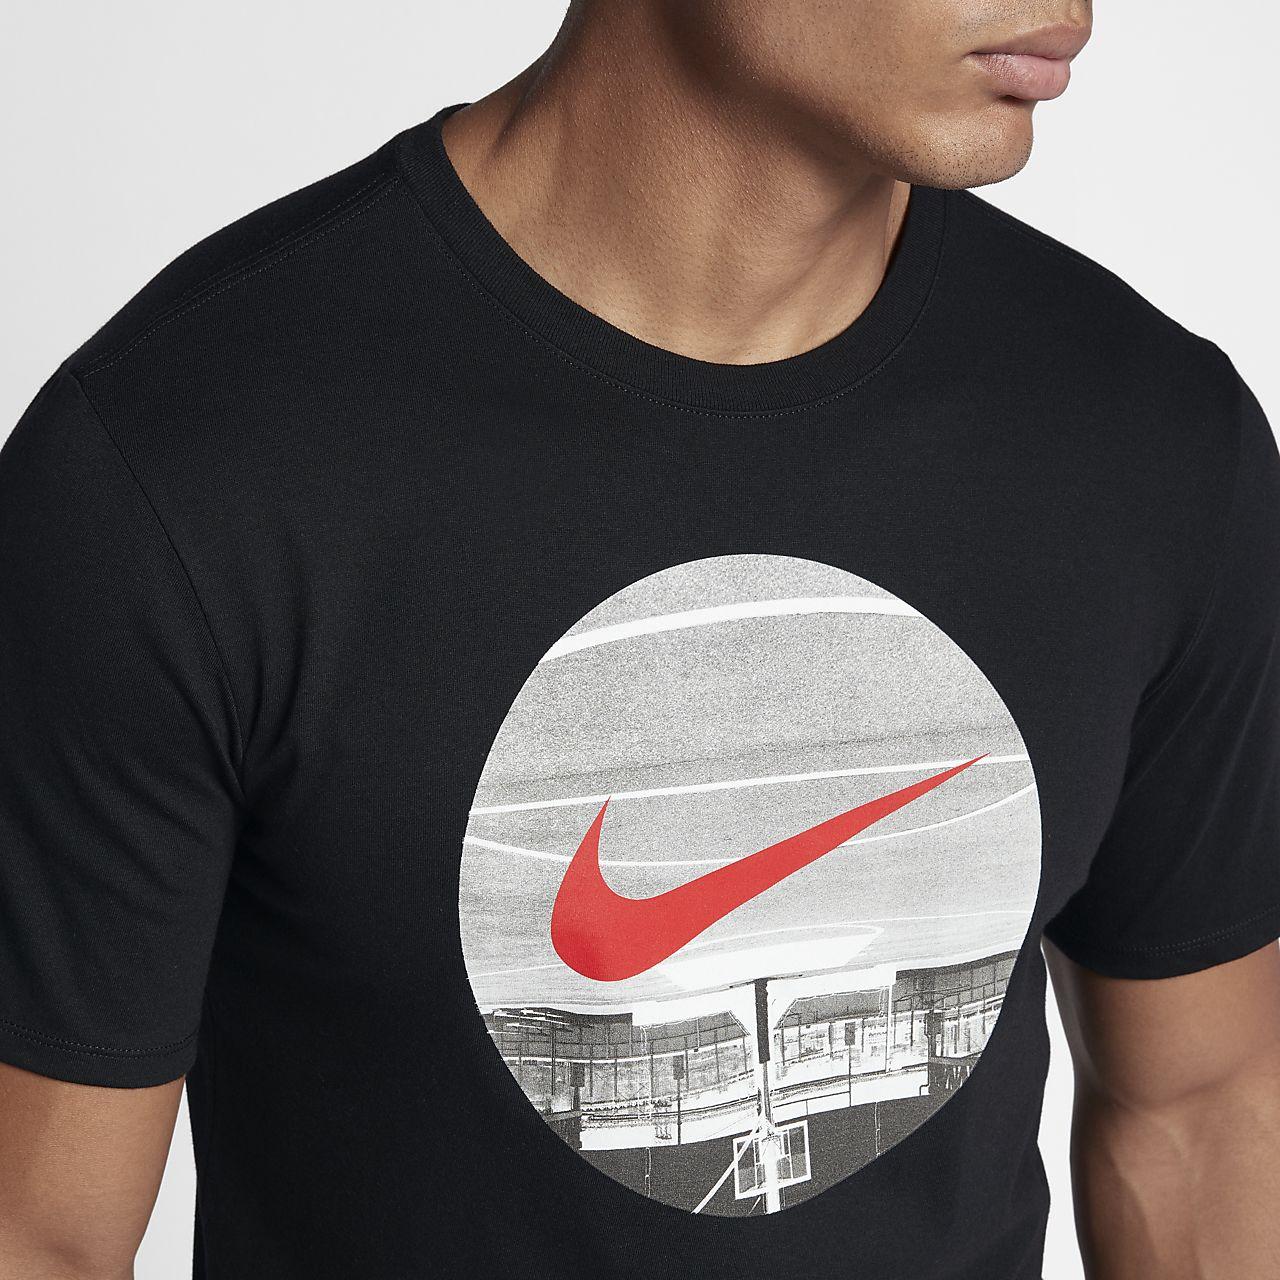 Nike T Shirts Basketball - Joe Maloy 8238408e3